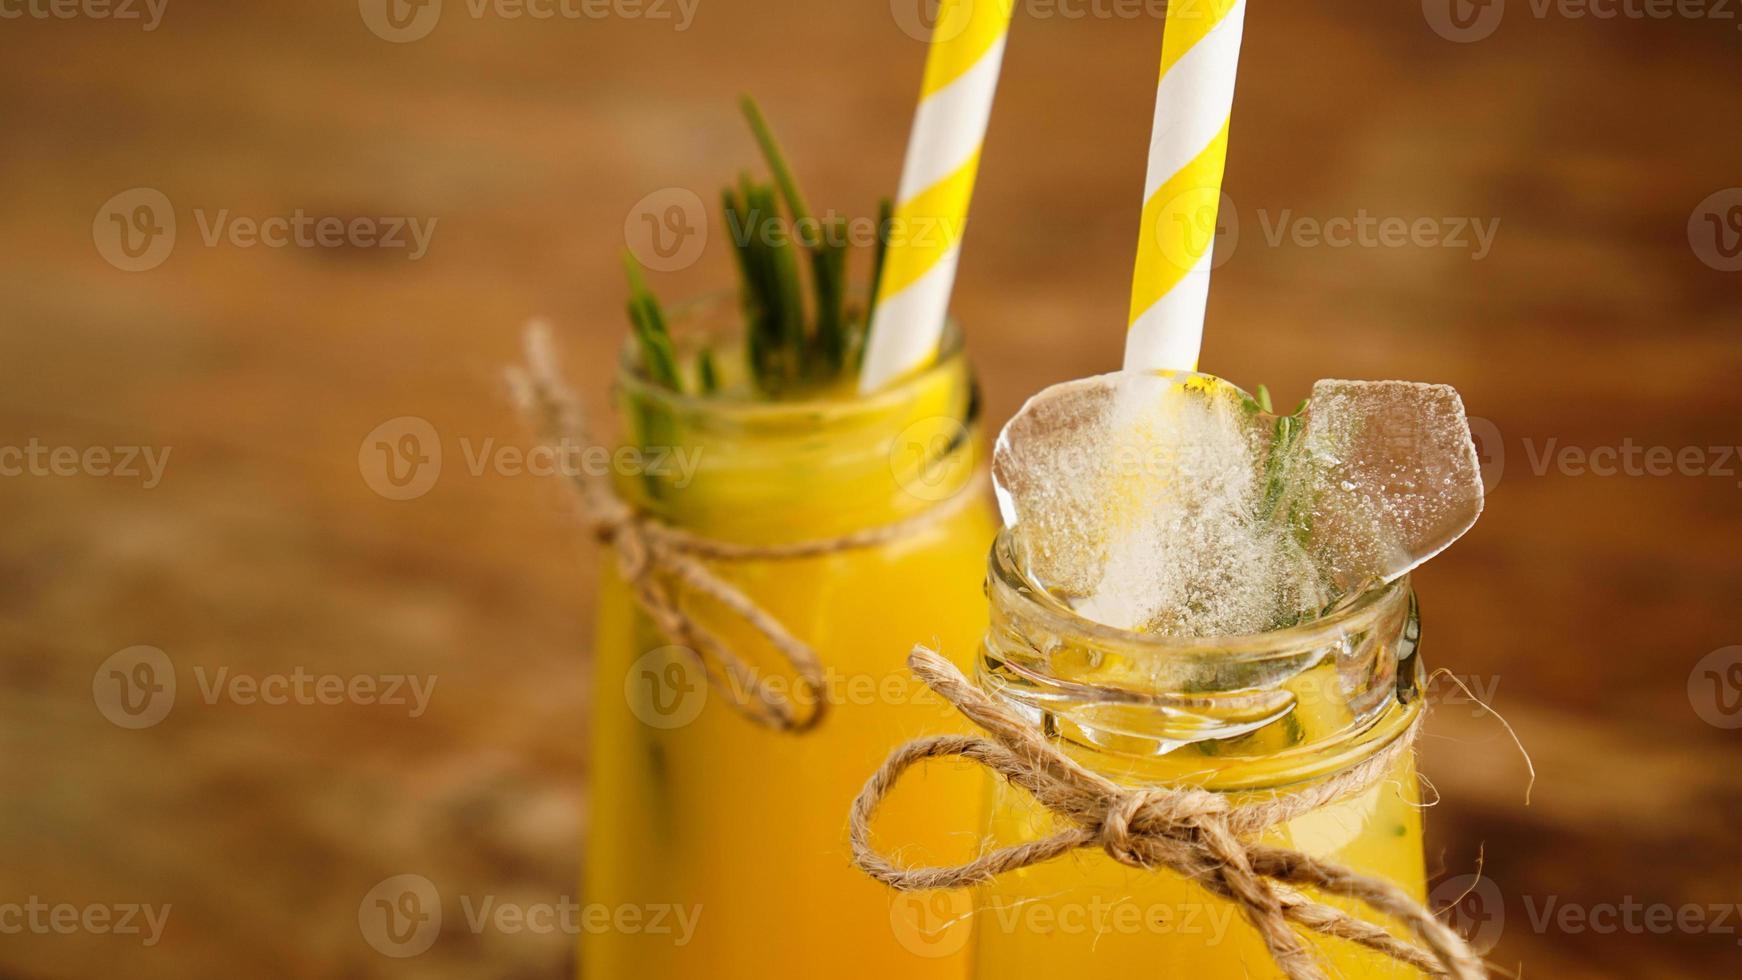 fles sinaasappelsap met ijsblokjes, selectieve focus foto